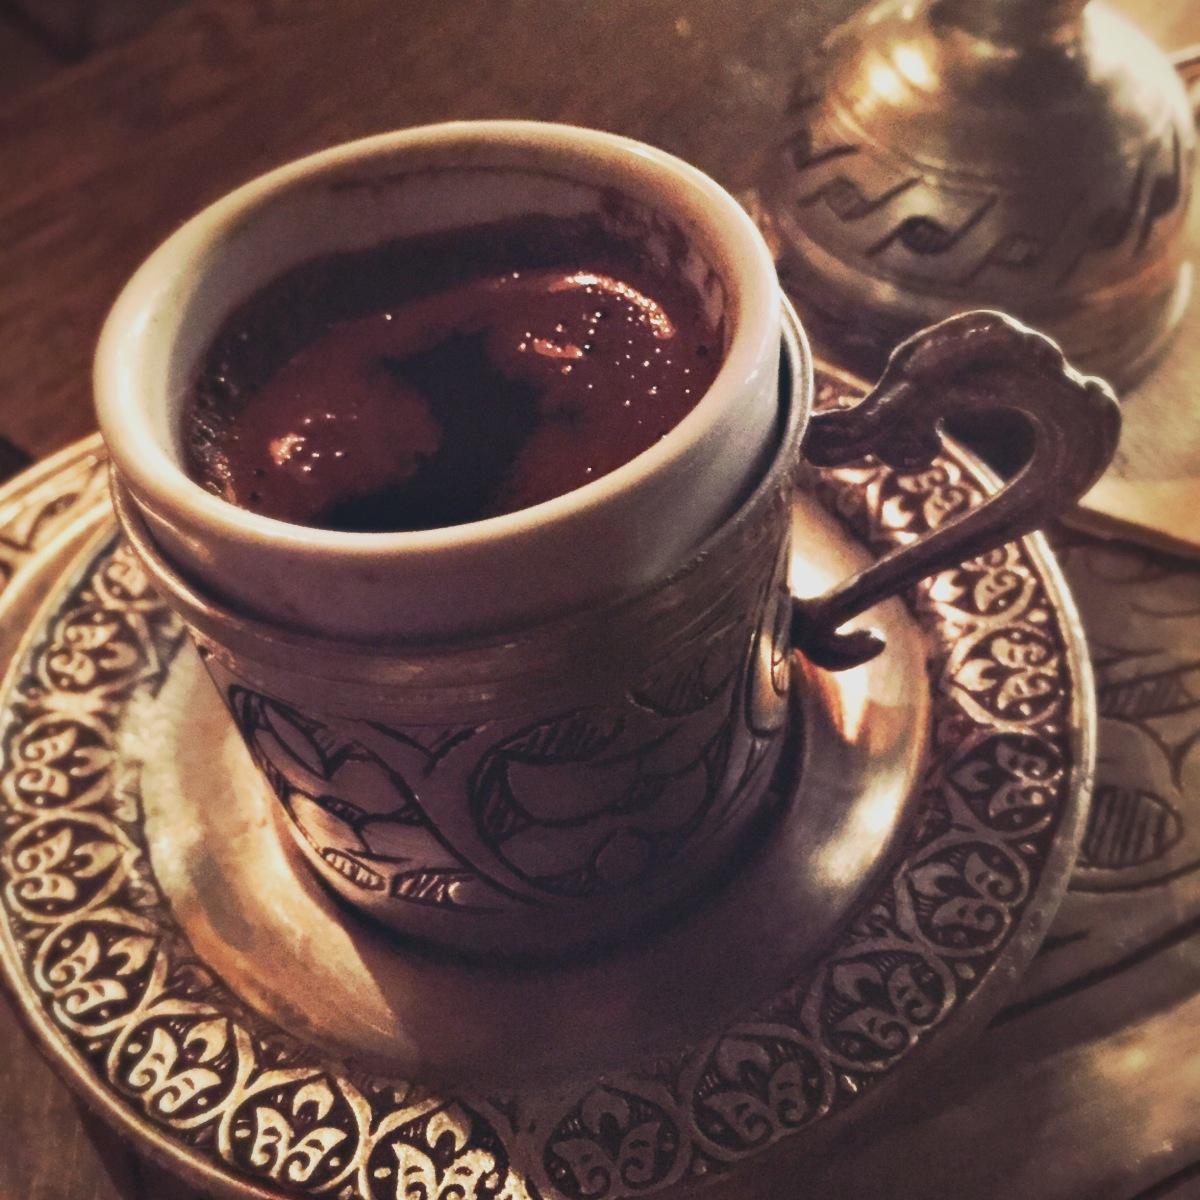 Hakiki Turkish Ice Cream